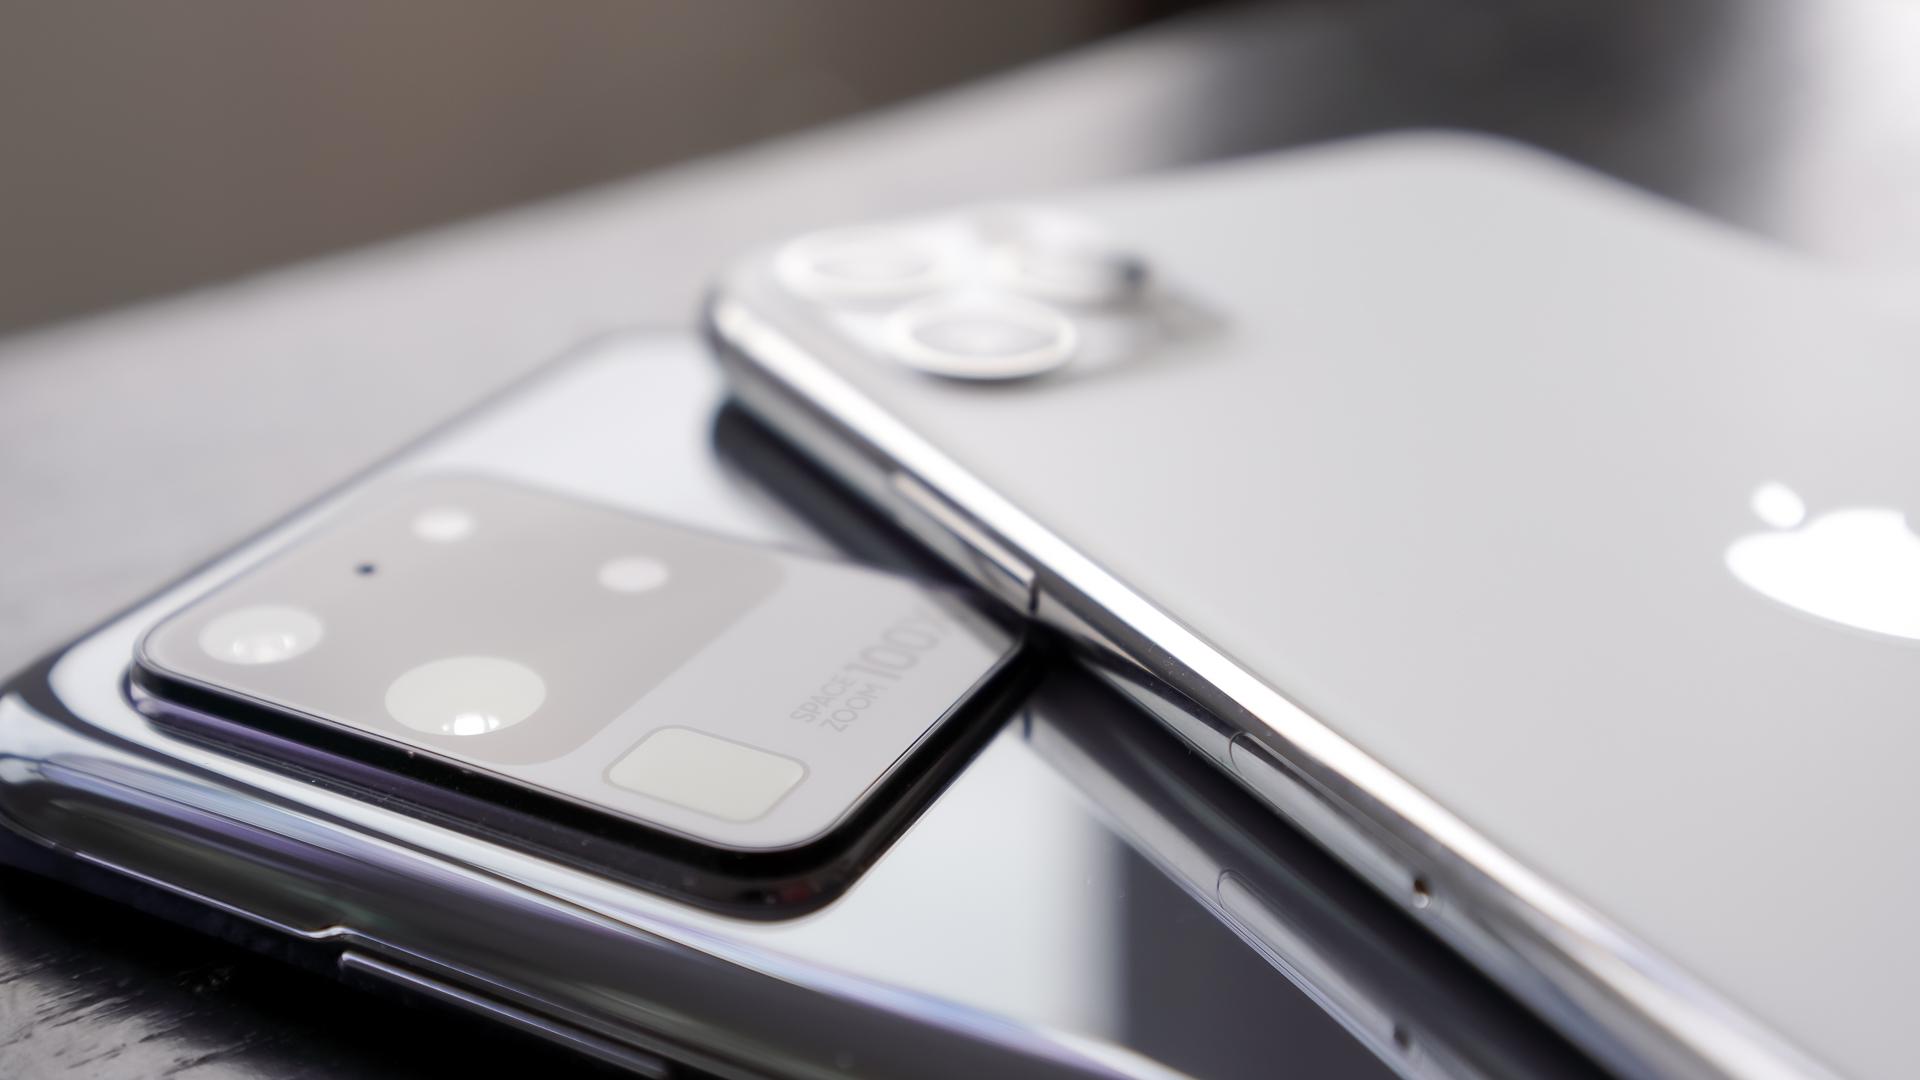 Pourquoi ne plus fournir de chargeur à l'achat d'un téléphone est bon pour la planète